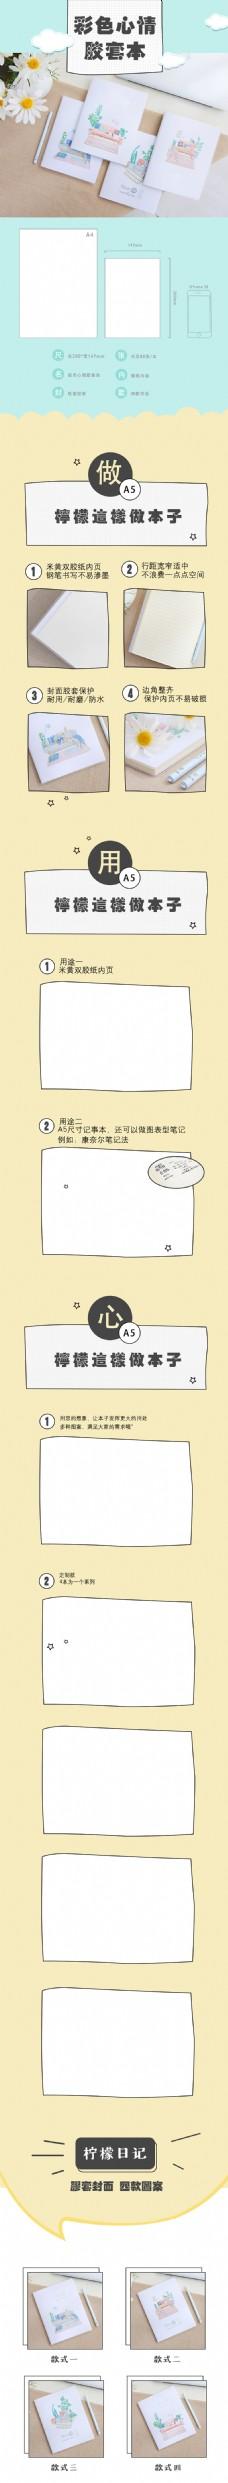 小清新本子详情页